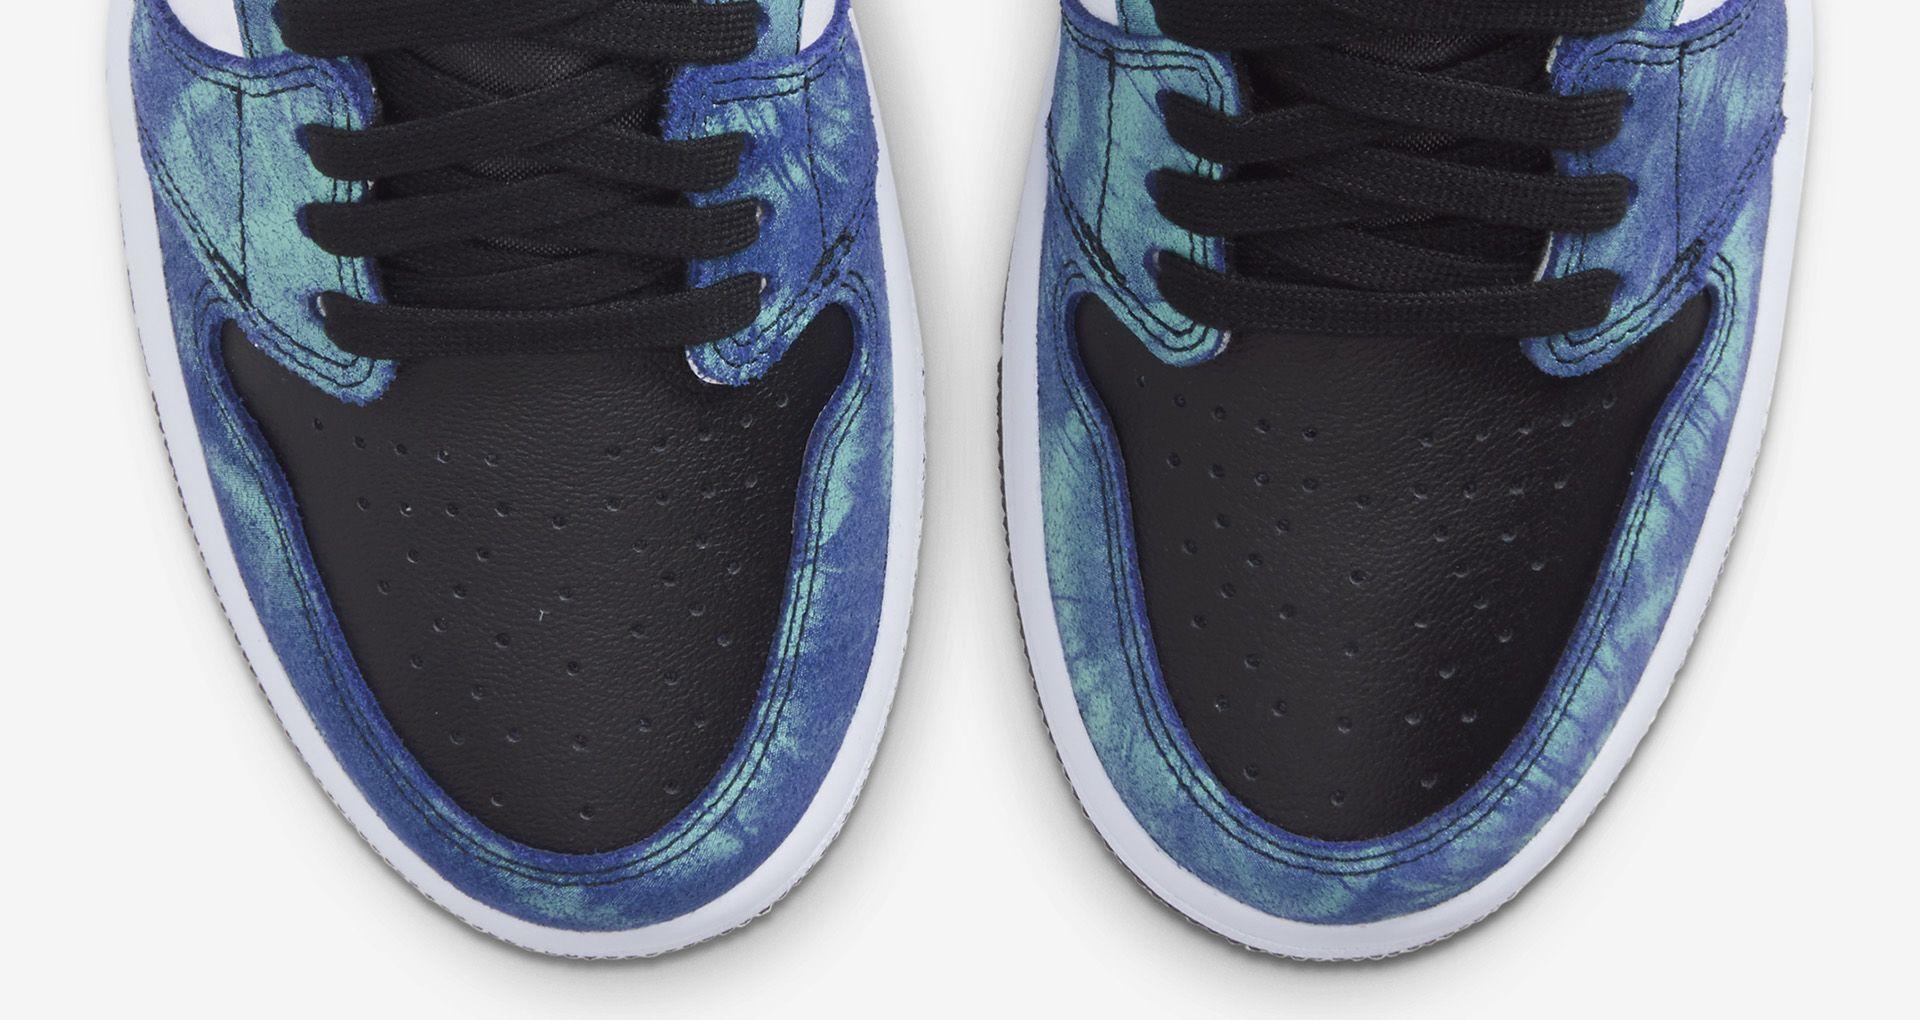 Women's Air Jordan 1 'Tie-Dye' Release Date